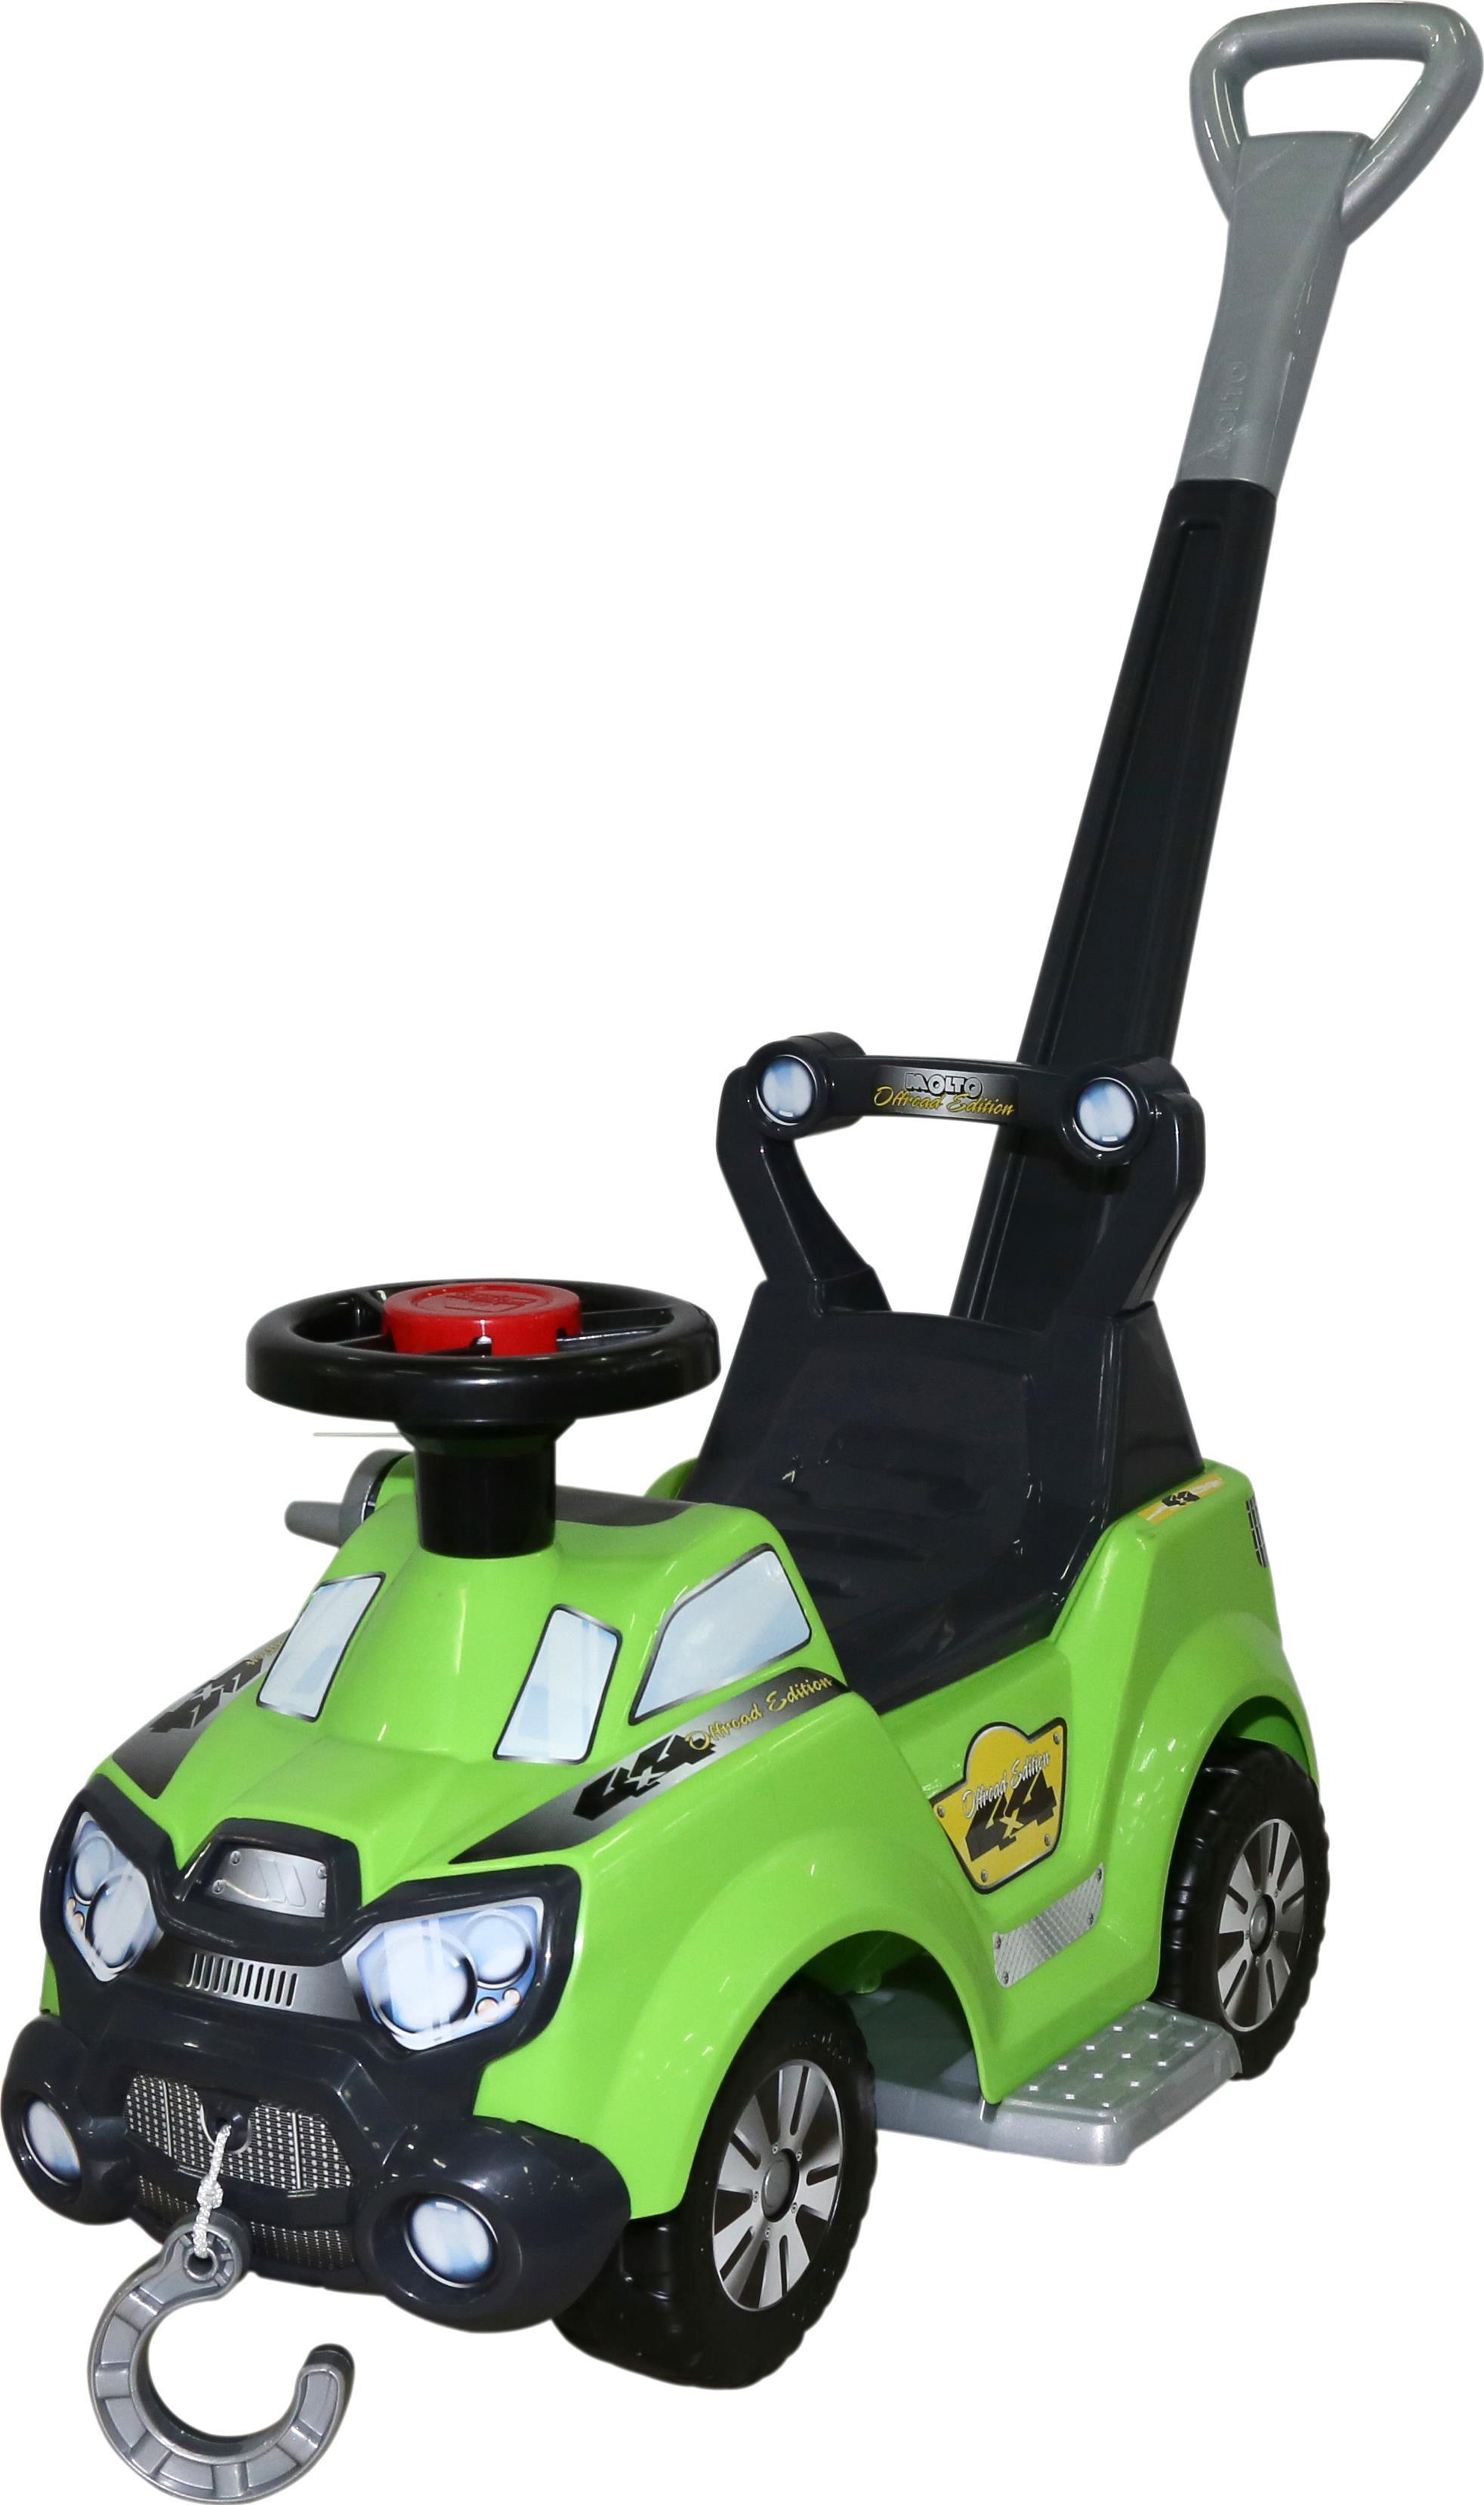 Каталка-автомобиль Sokol с ручкой и подножкойМашинки-каталки для детей<br>Каталка-автомобиль Sokol с ручкой и подножкой<br>